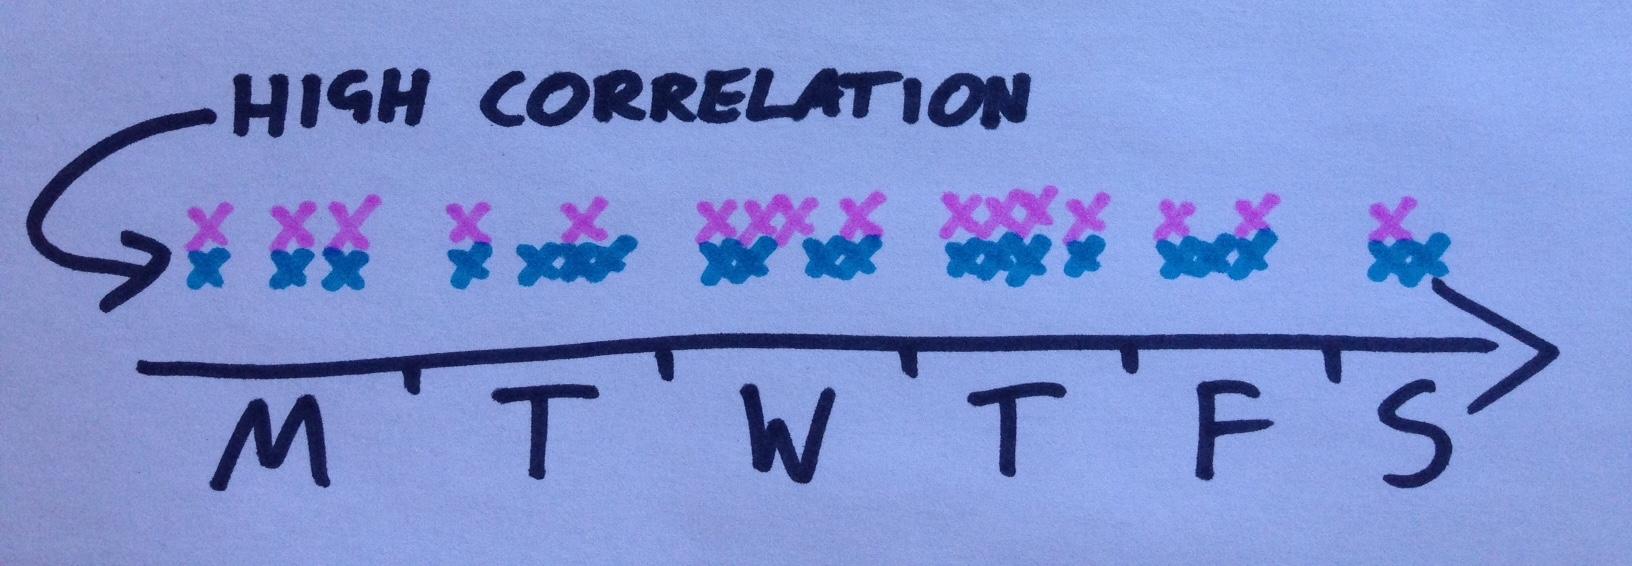 whatsapp-tracker-correlation